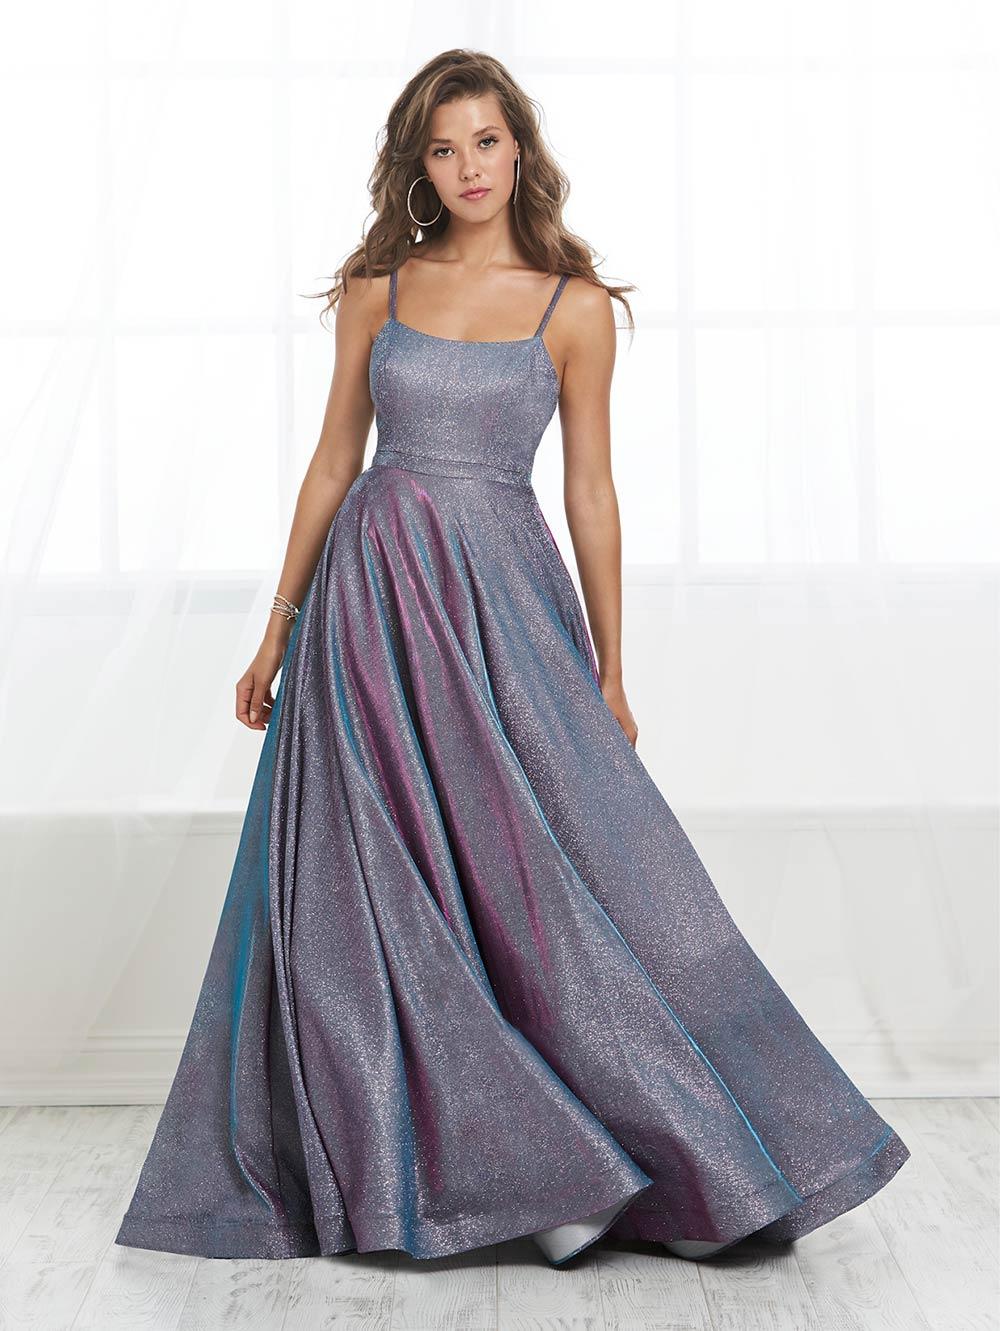 prom-dresses-jacquelin-bridals-canada-27654